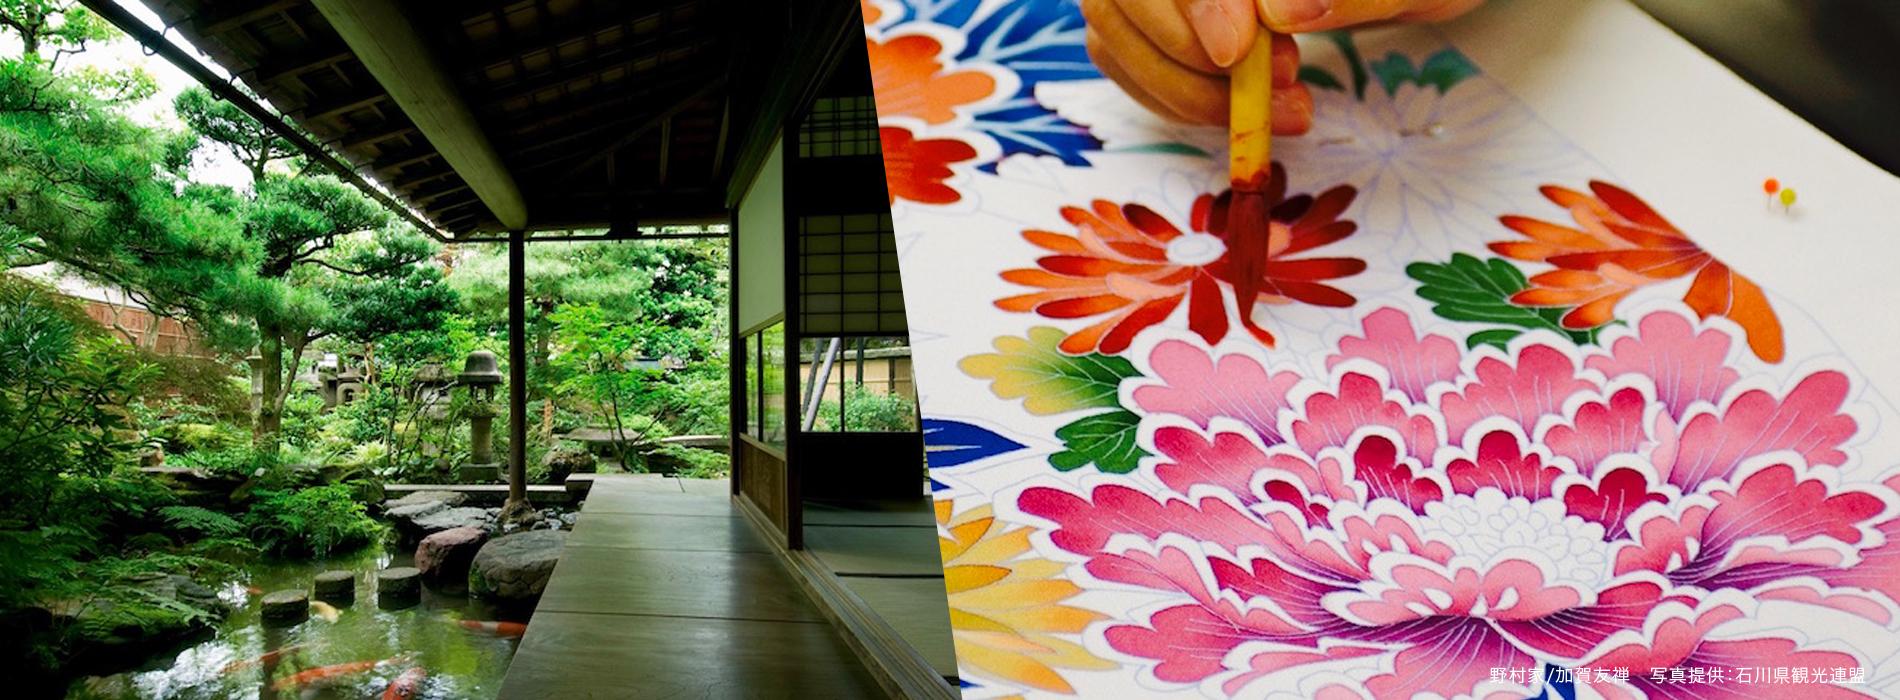 野村家/加賀友禅 写真提供:石川県観光連盟